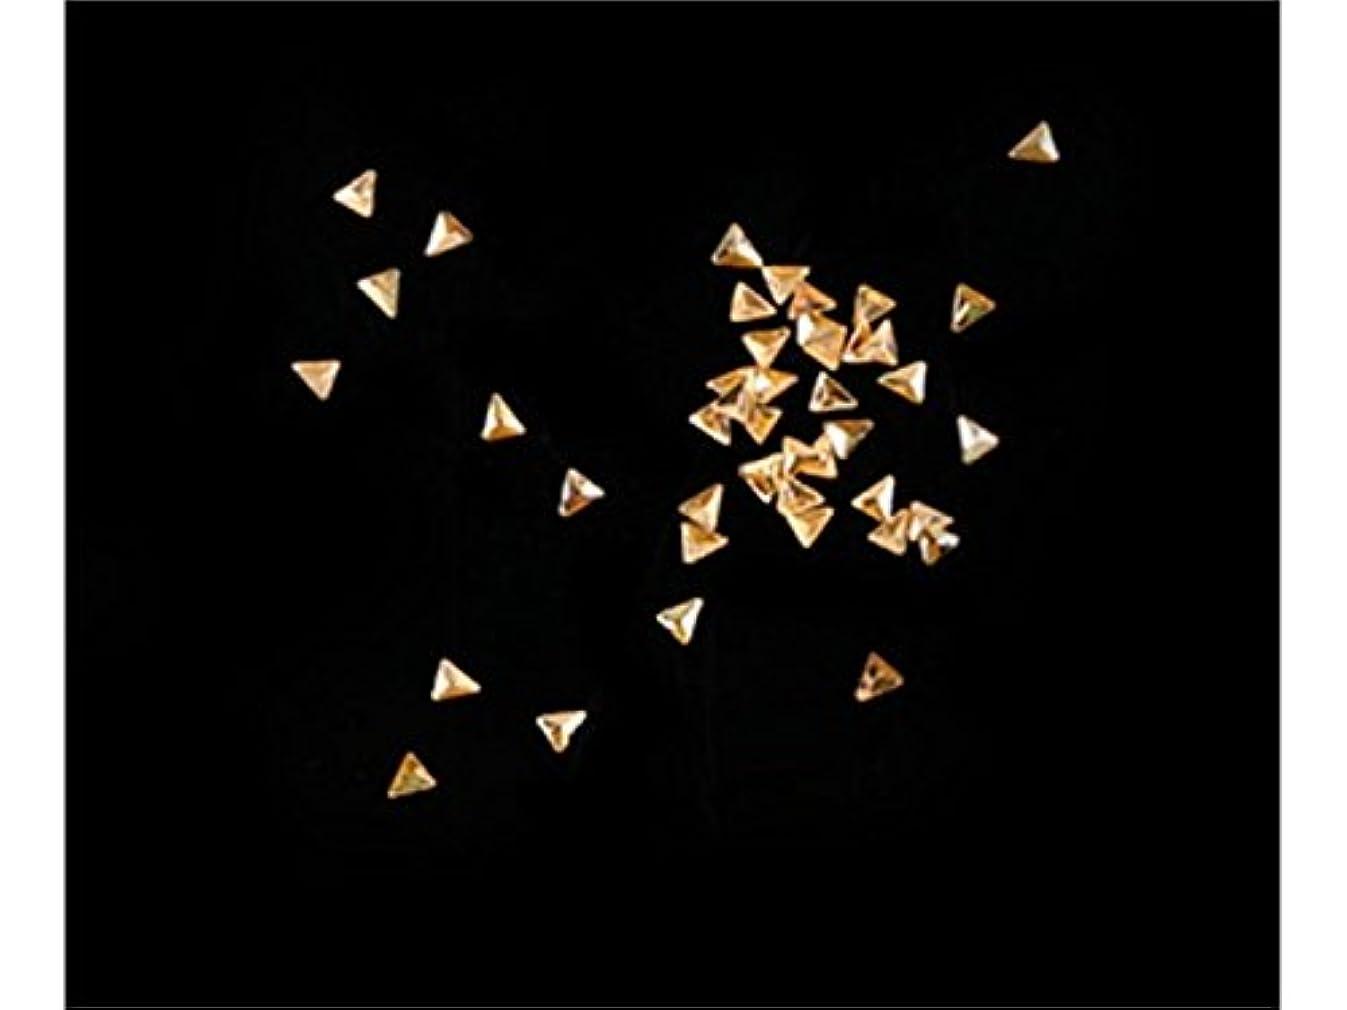 慈善吸い込む取り替えるOsize Giltterスタームーンリベット混合ストリップストライプネイルアートステッカーデカールアクセサリーマニキュアDIYツール(ゴールデン)